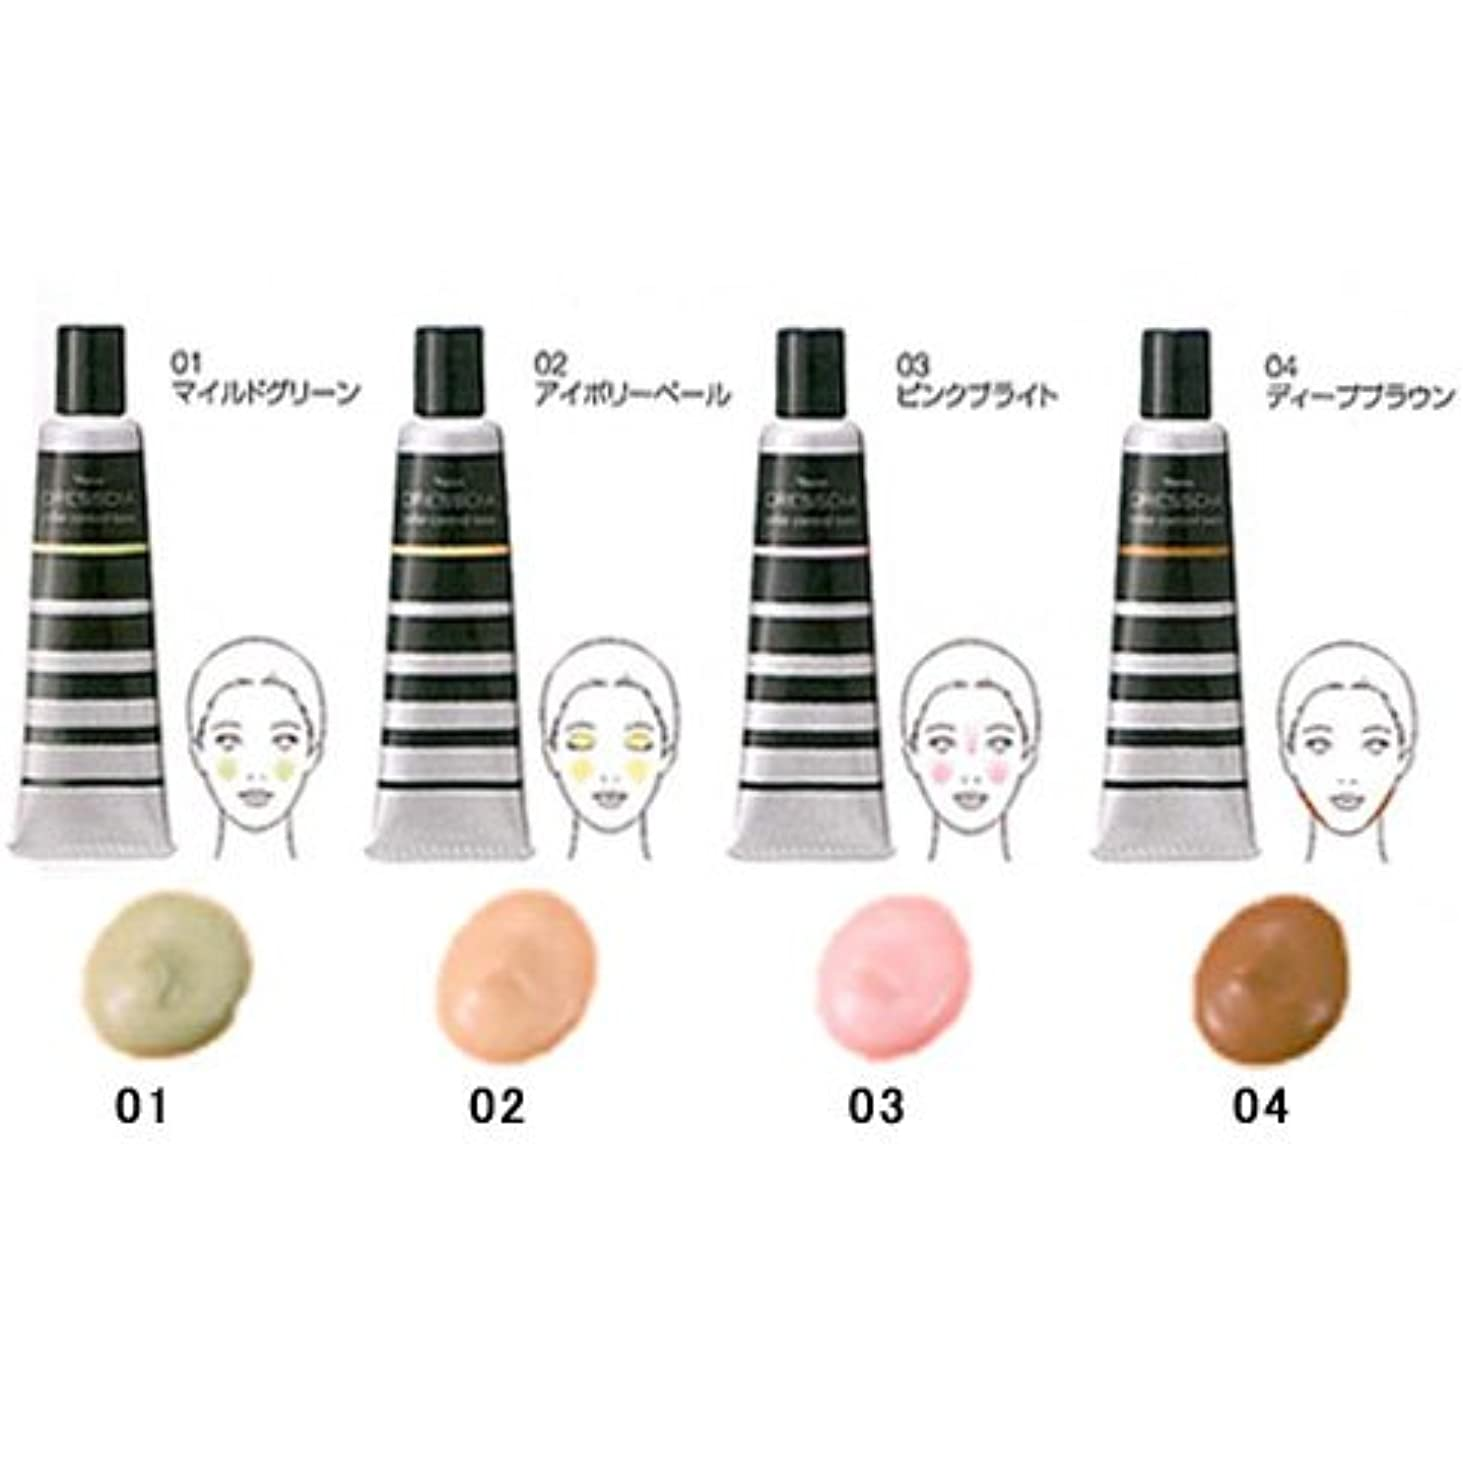 分割現実的高齢者ナリス化粧品 ドレスディア カラーコントロールベース部分用 化粧下地 20g 02 アイボリーベール